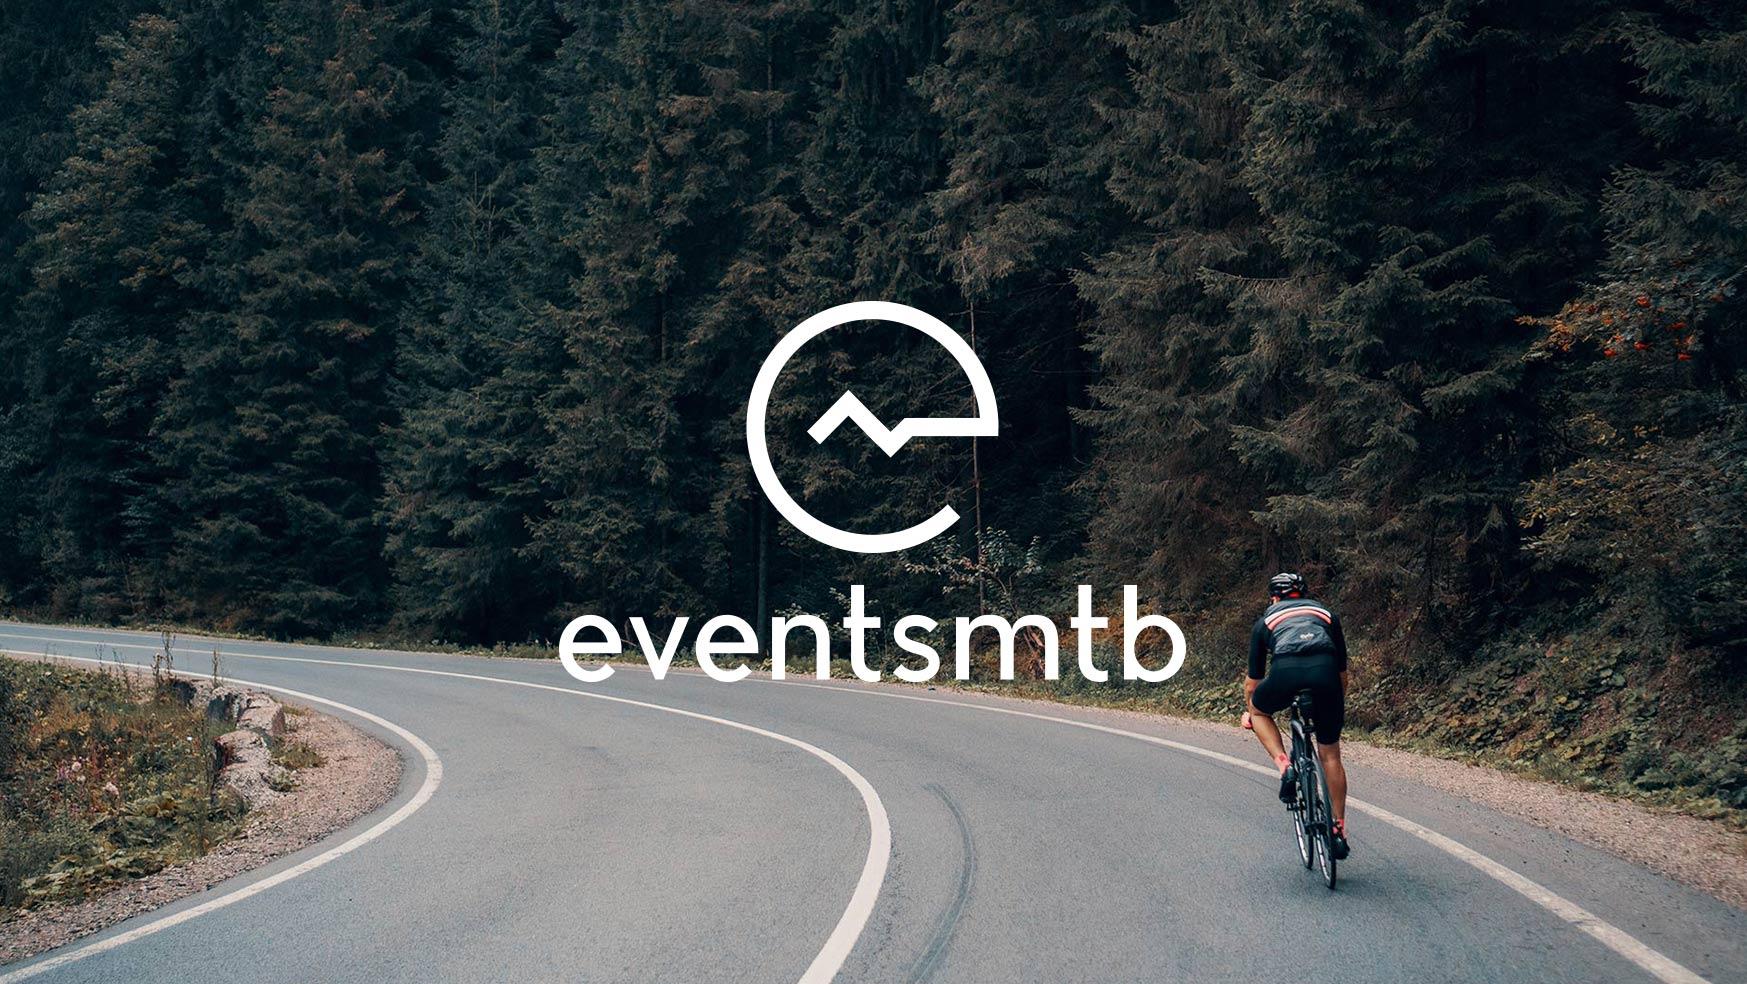 eventsmtb desenvolvimento do Branding, web design, marketing digital